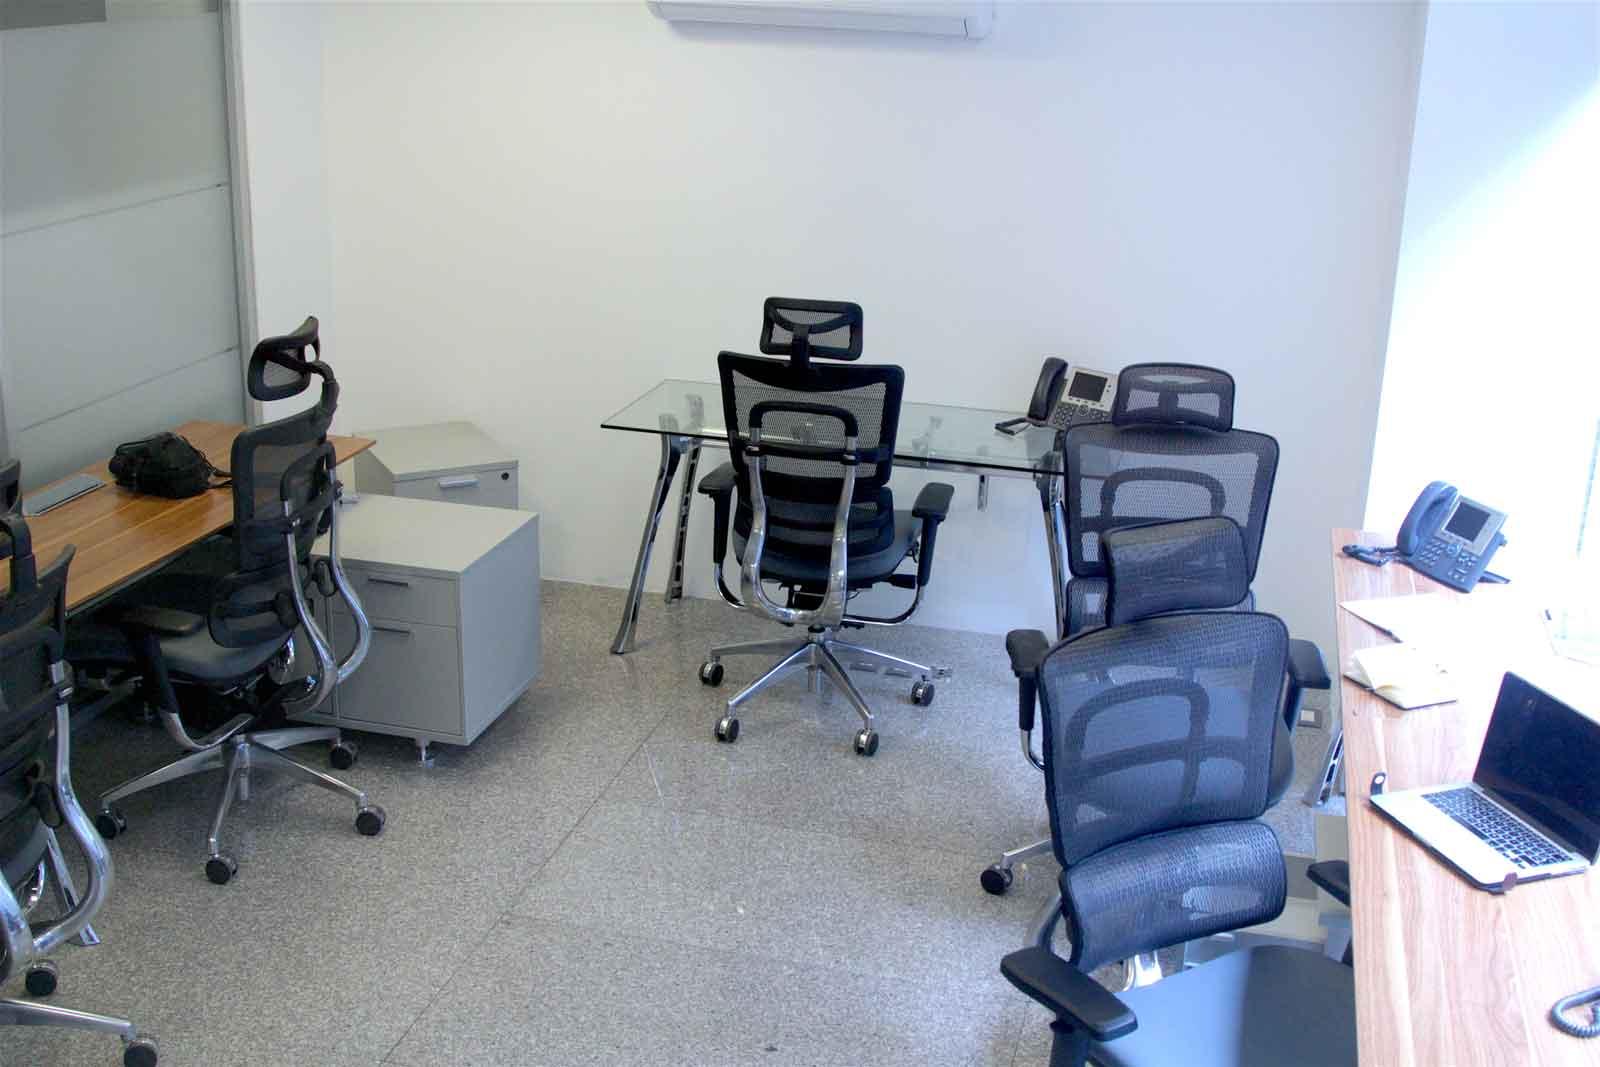 Modernas oficinas privadas con servicios de telefonía privada